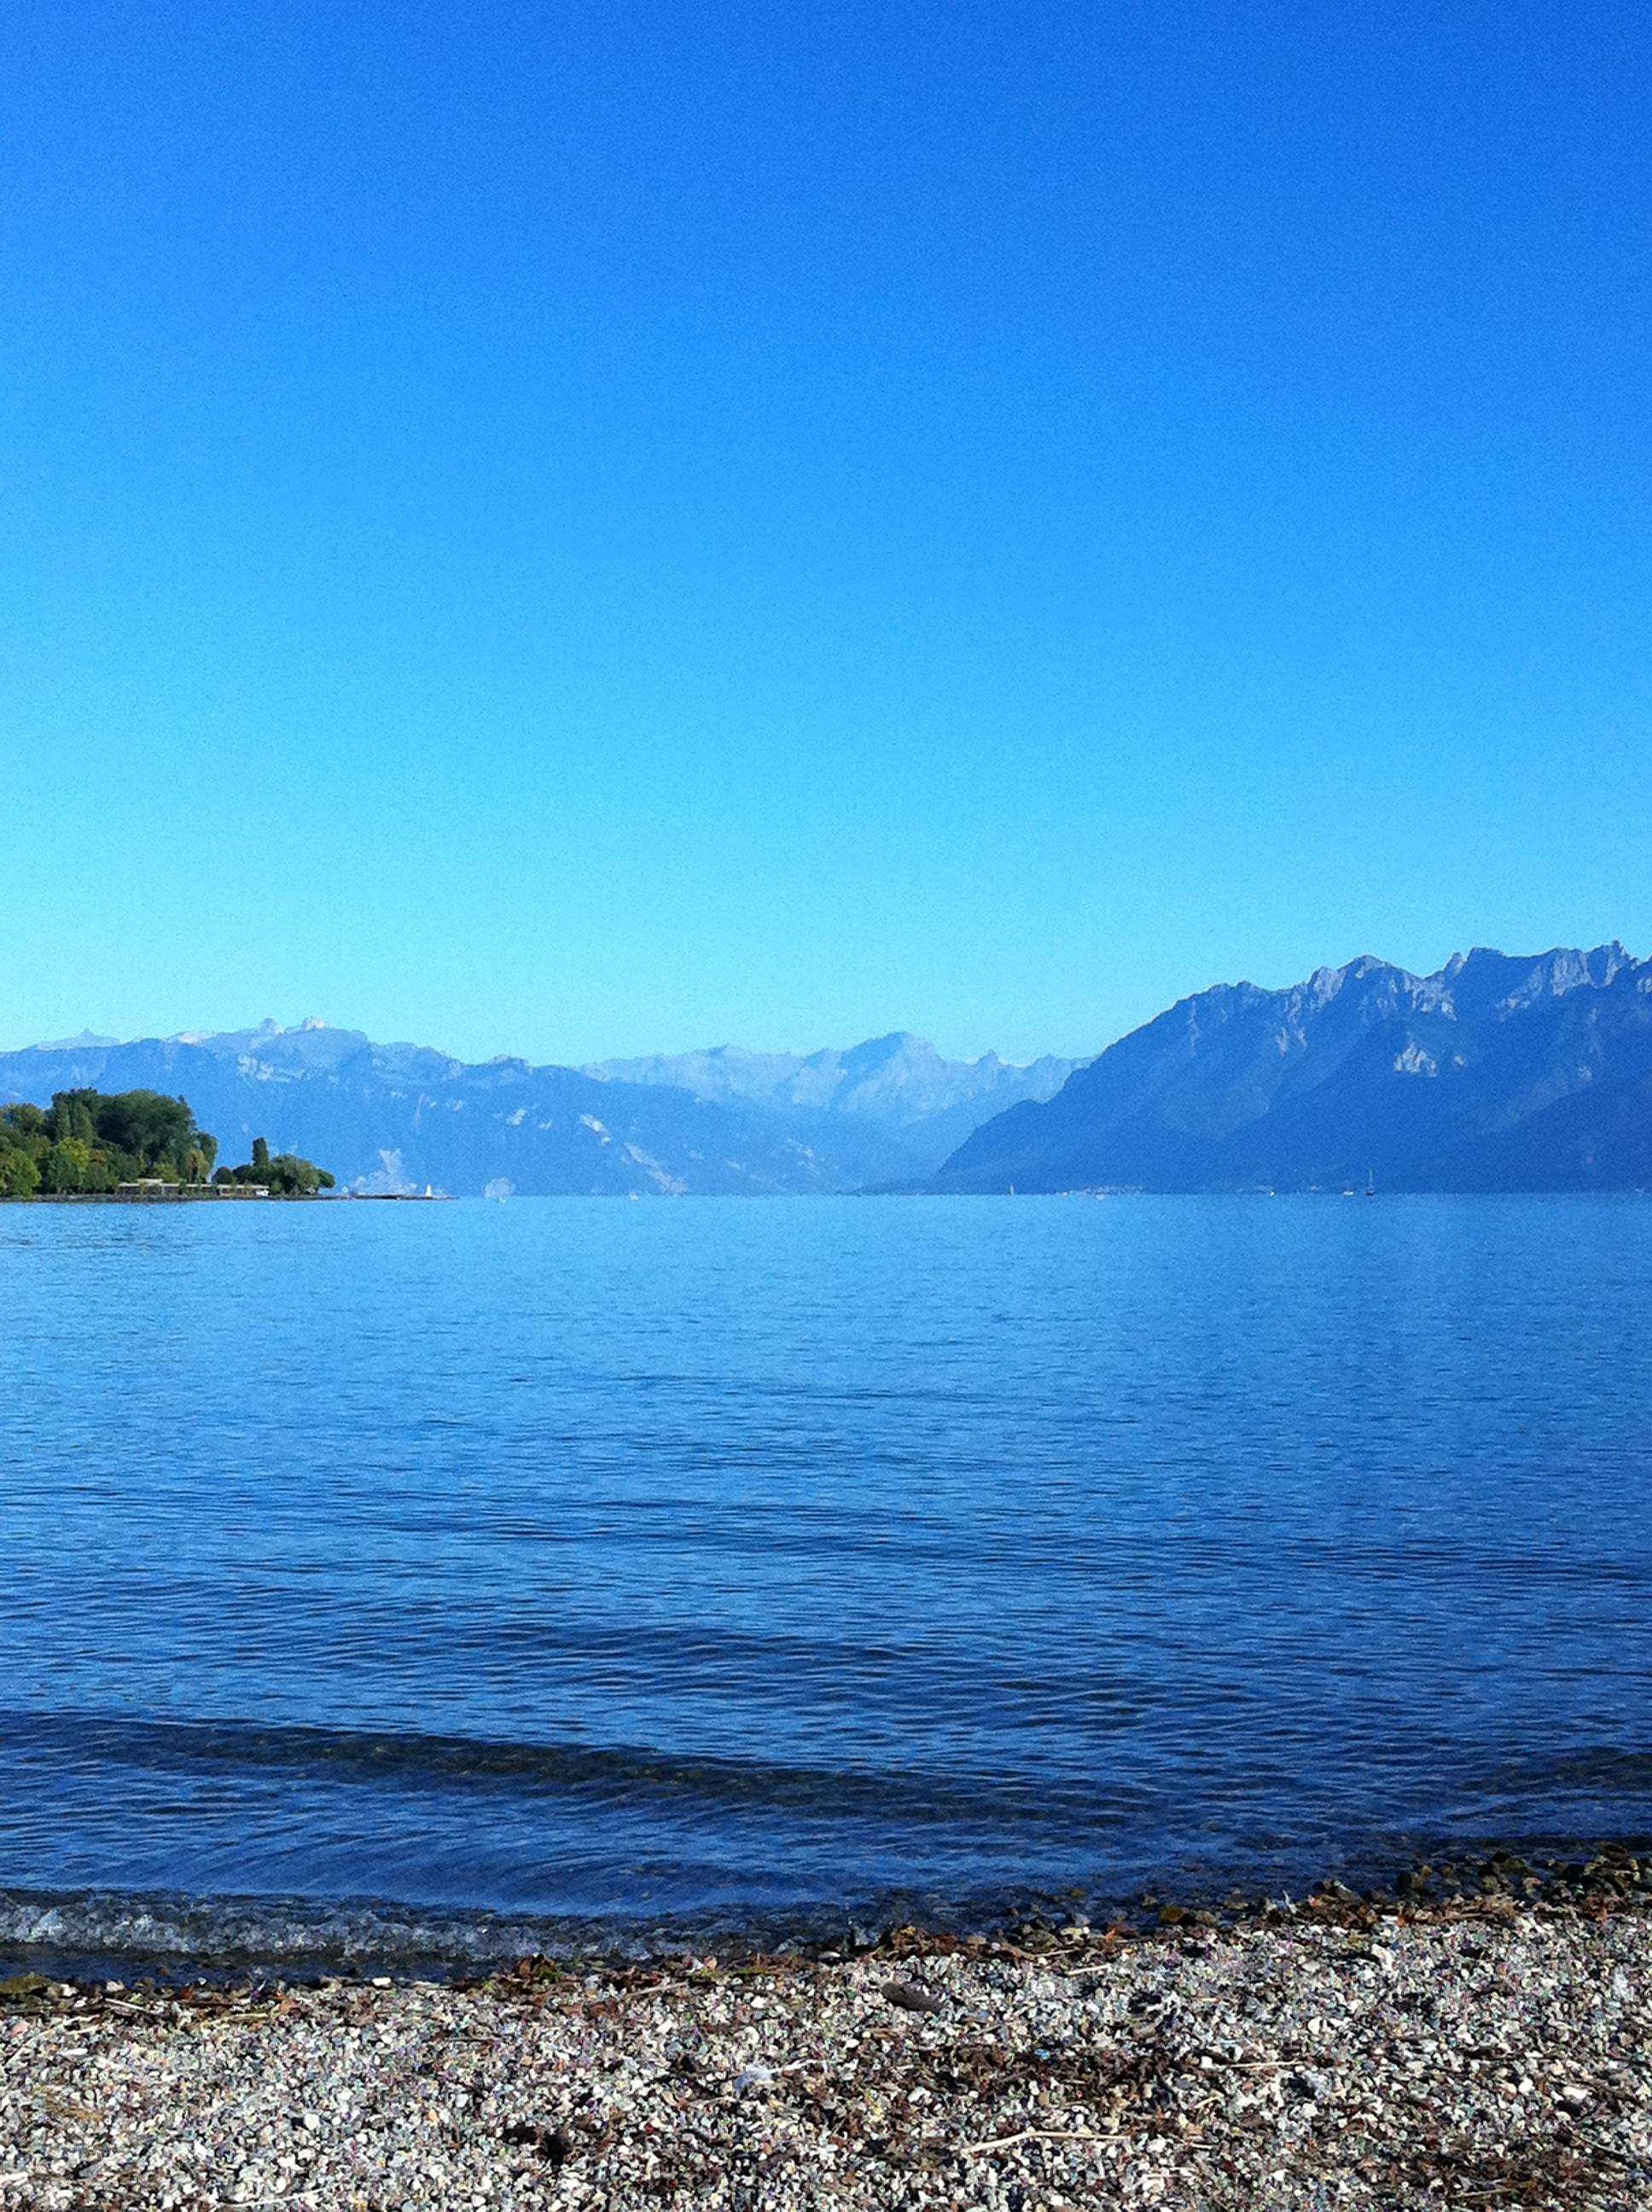 Un petit tour en Suisse? - Page 2 779467154